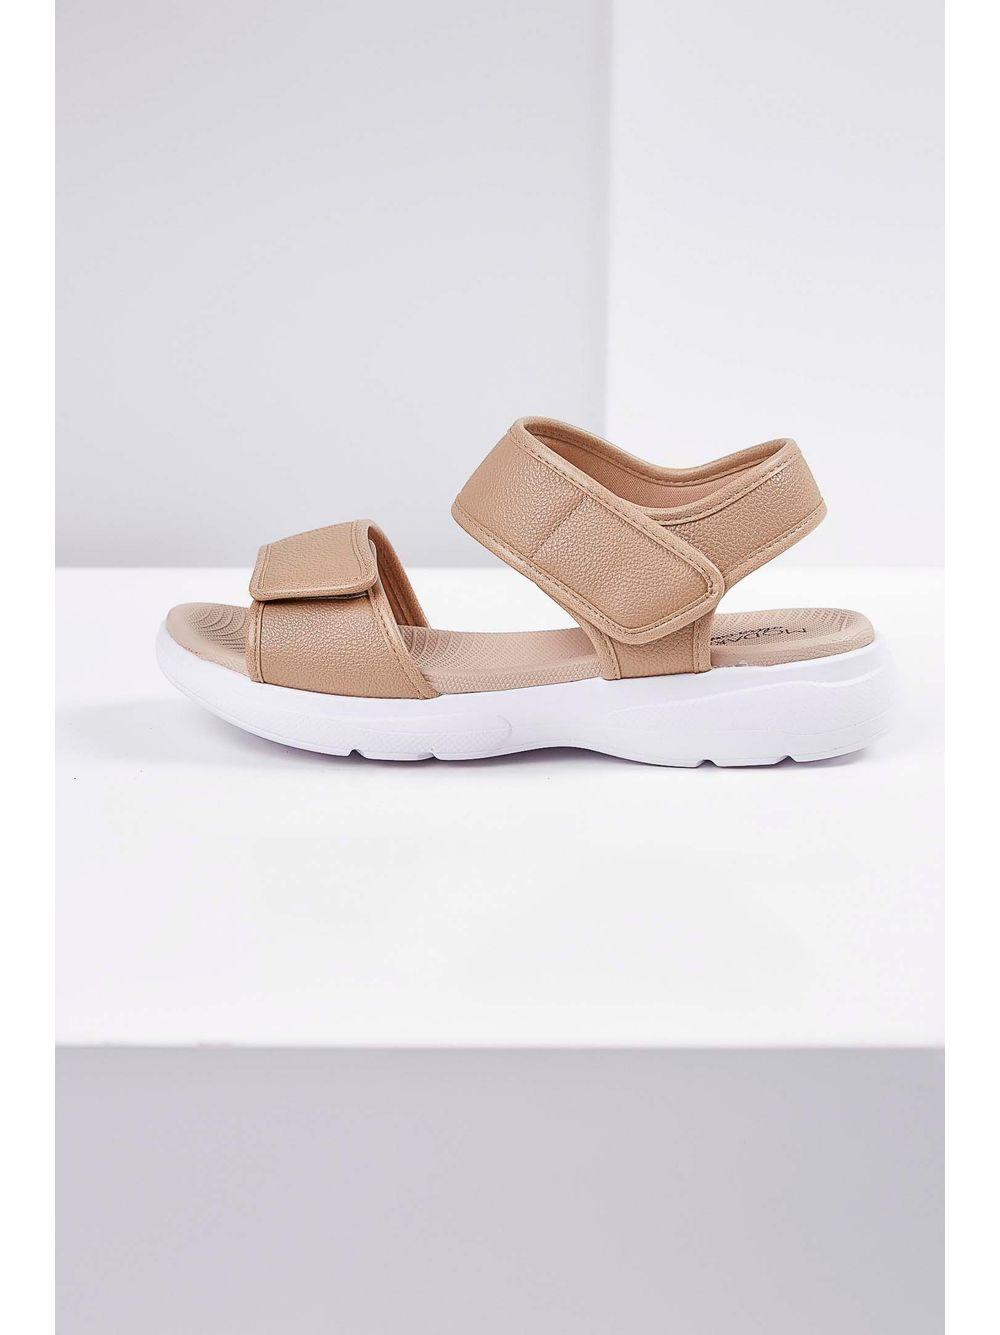 f5c7ad859 Previous. Sandalia-Papete-Modare-Velcro-Bege ...